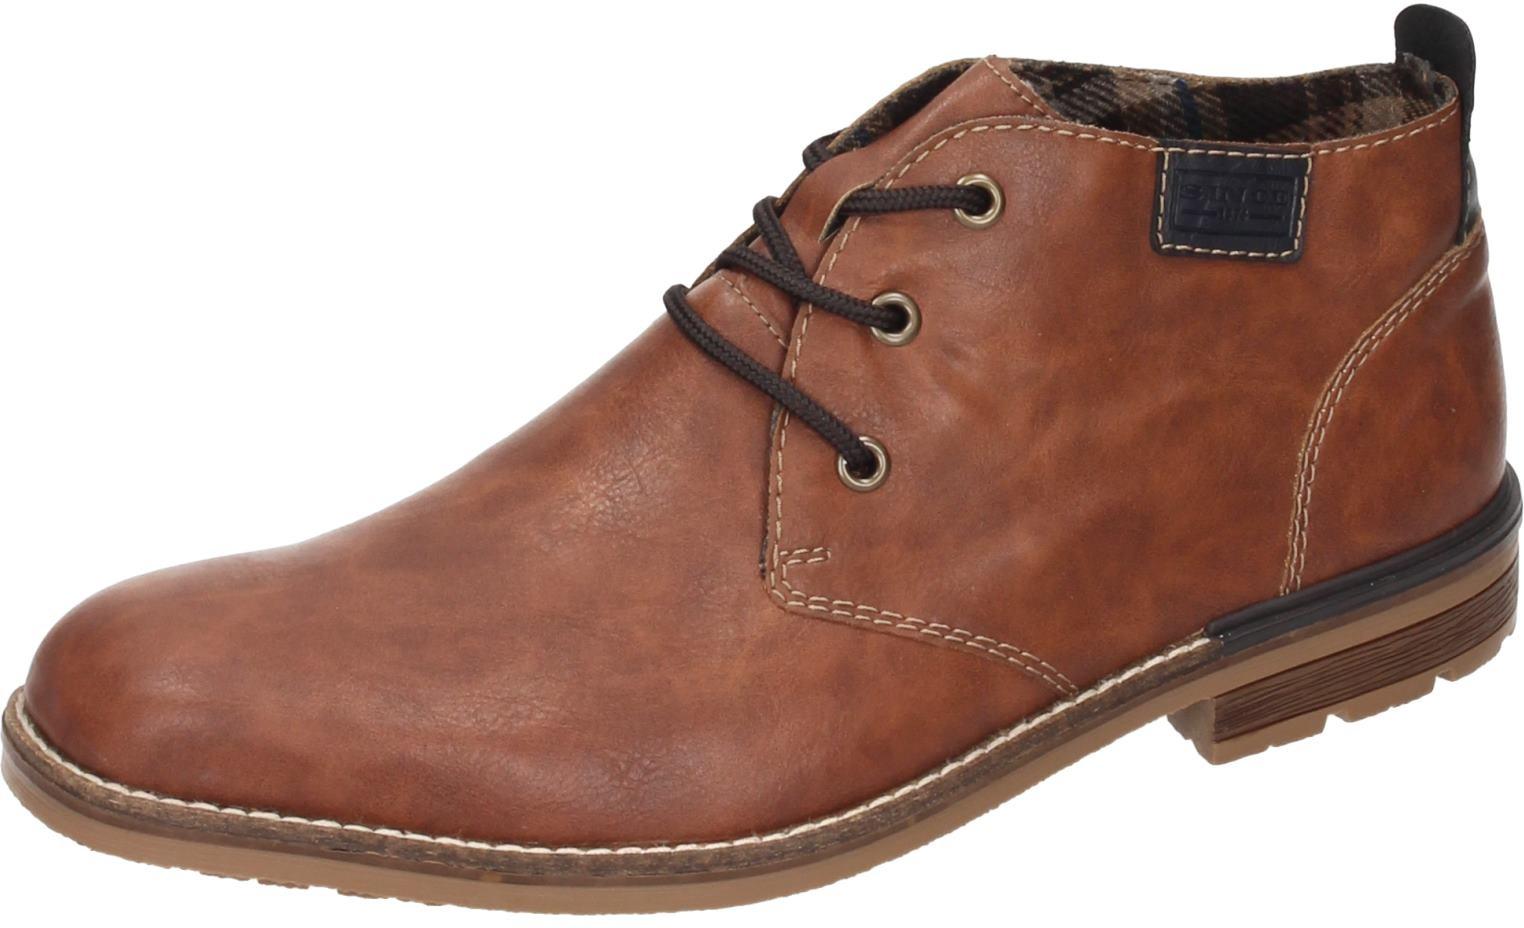 Rieker Herren Schuhe Schuhe Schuhe Herren-Stiefel braun Synthetik    Moderne Technologie  5b97a2